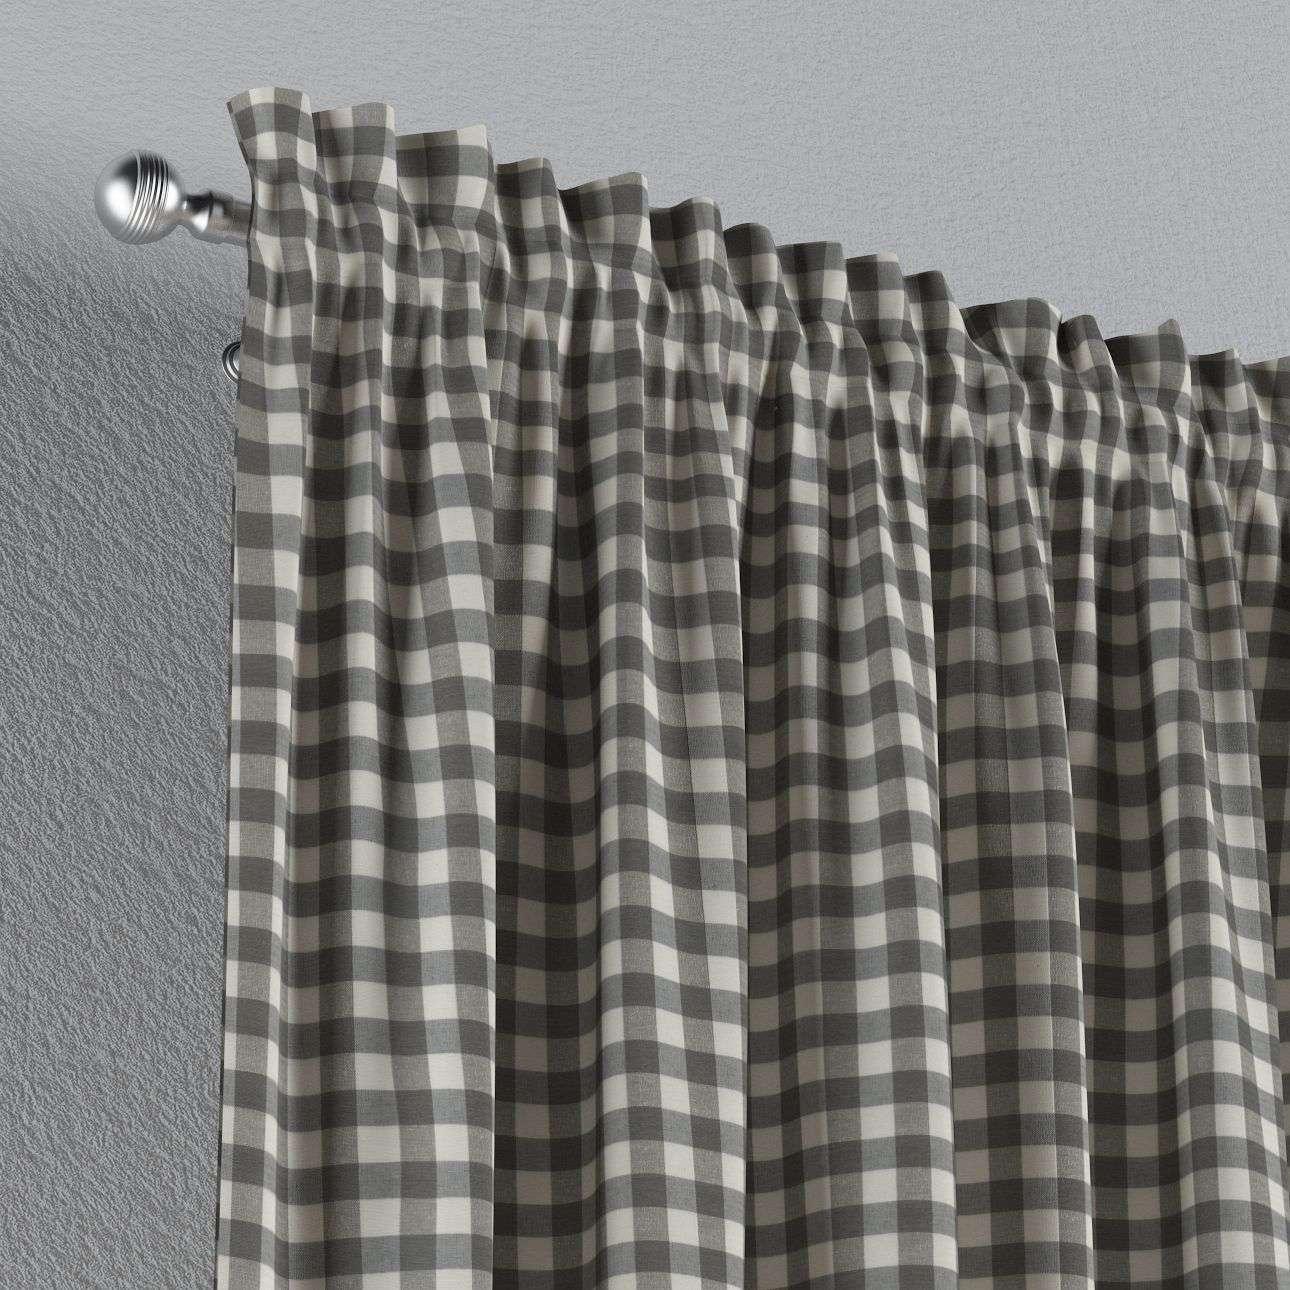 Zasłona na kanale z grzywką 1 szt. 1szt 130x260 cm w kolekcji Quadro, tkanina: 136-11